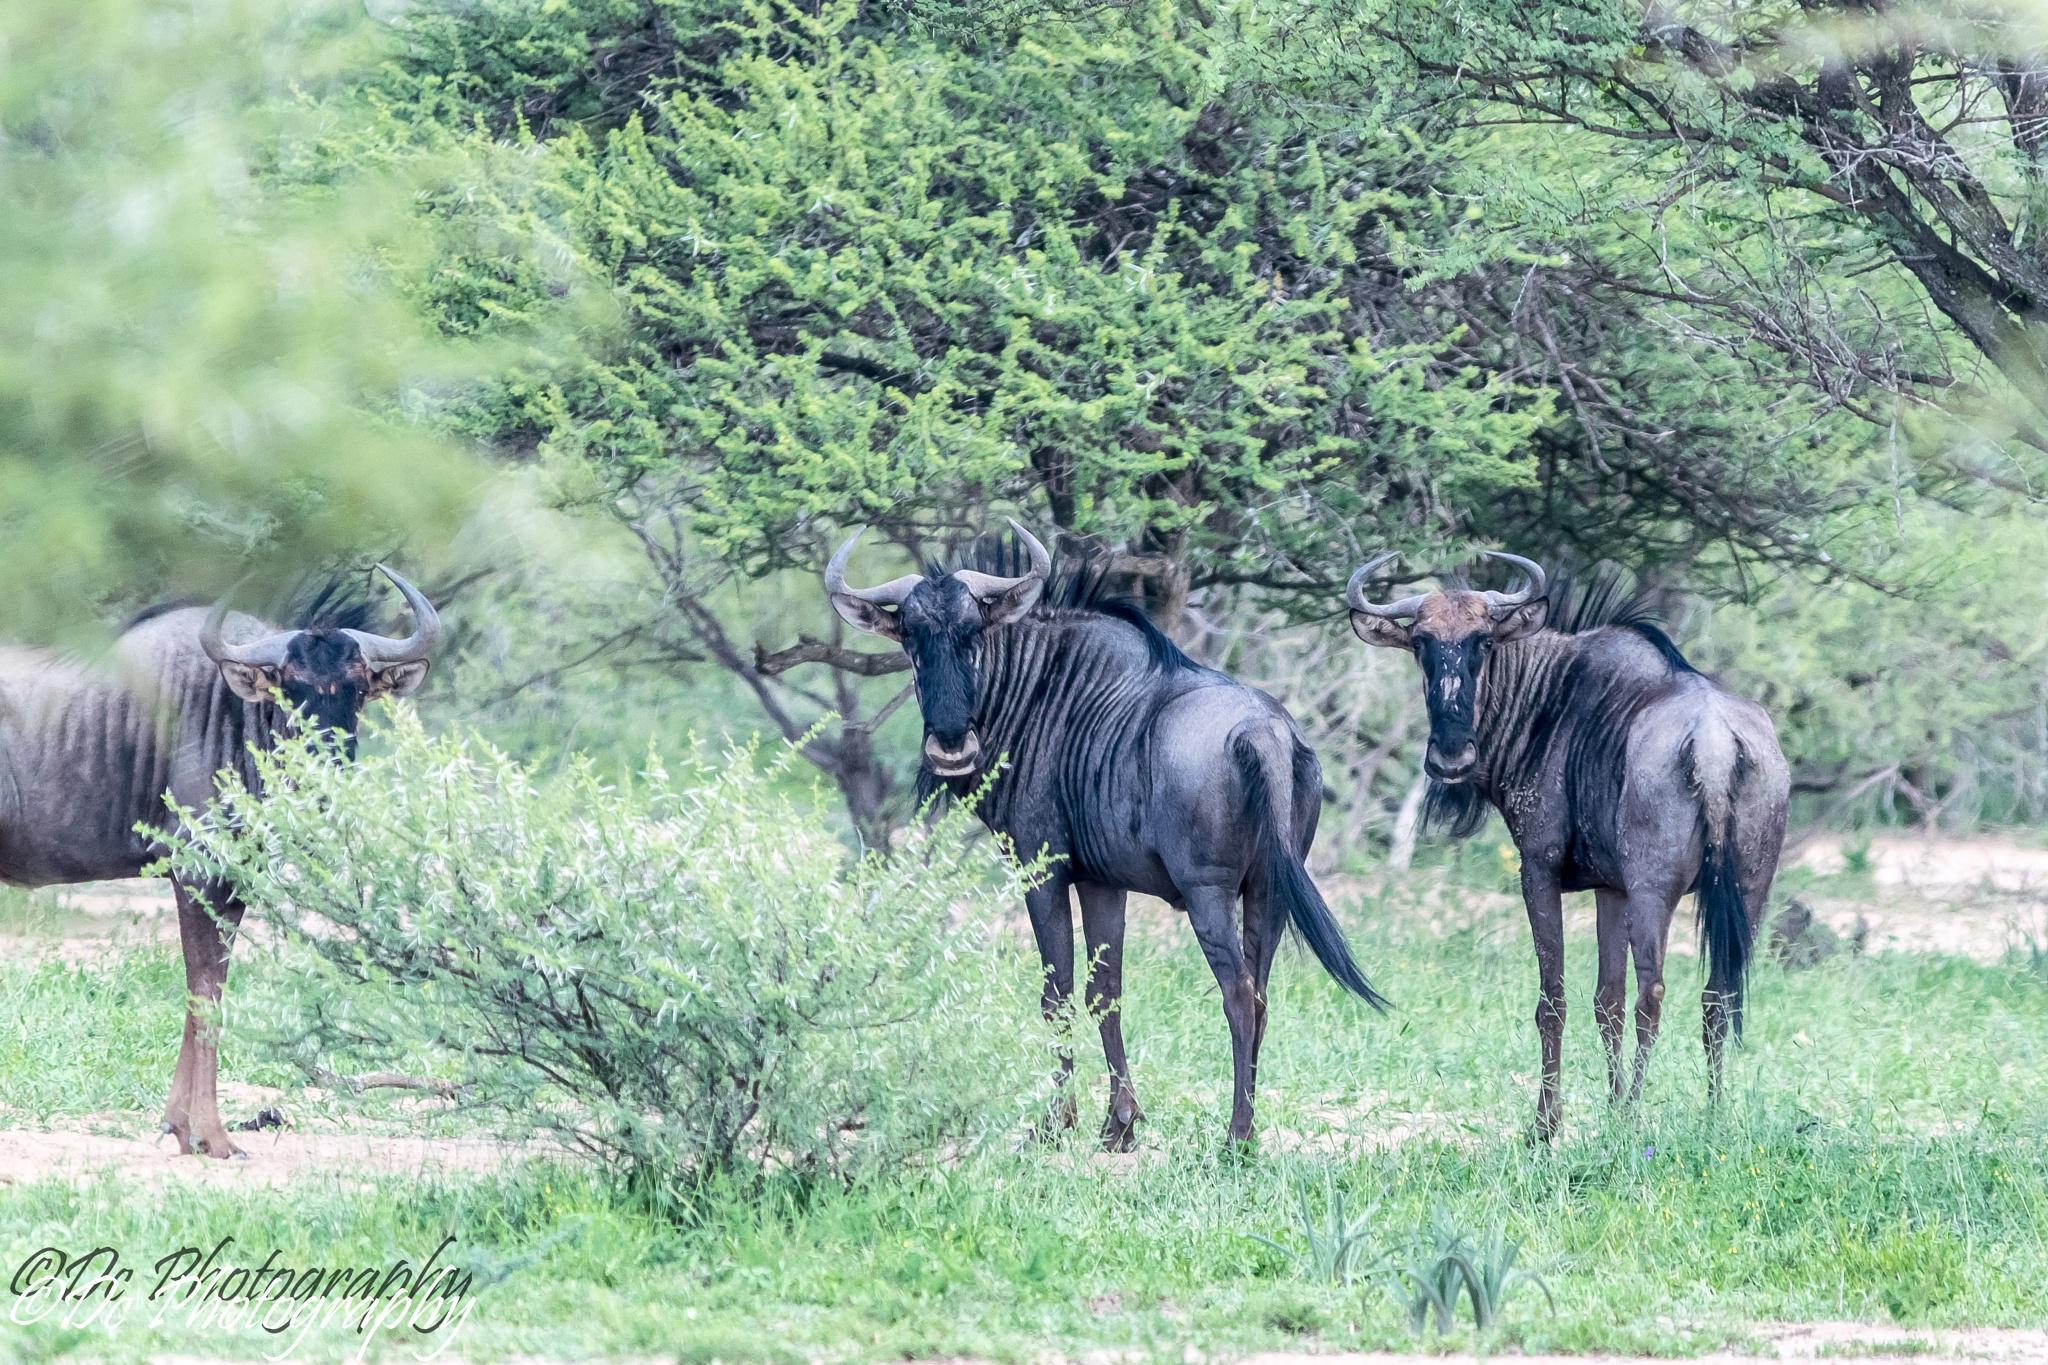 Wildebeest by Dusky De Reuck